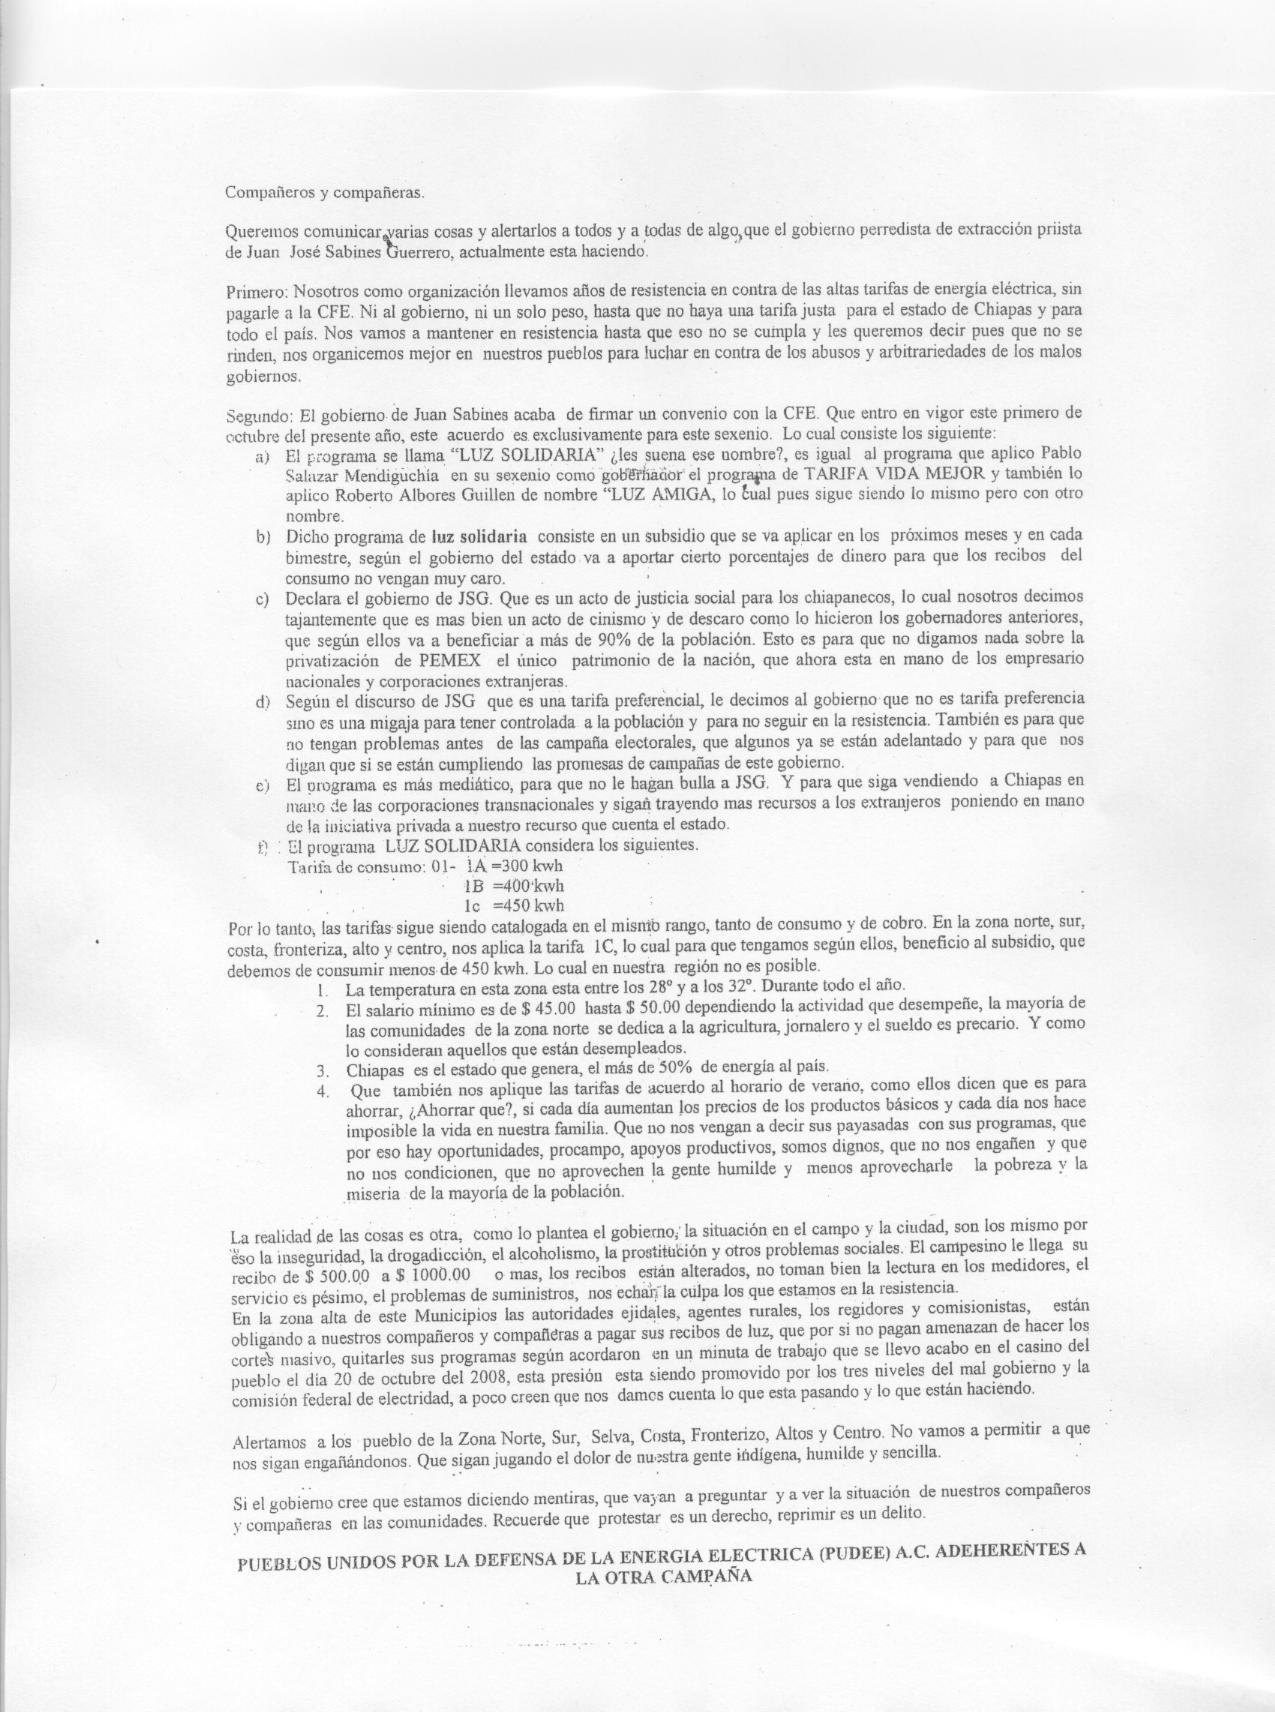 denuncia-publica-pudee-23_11_08.jpg